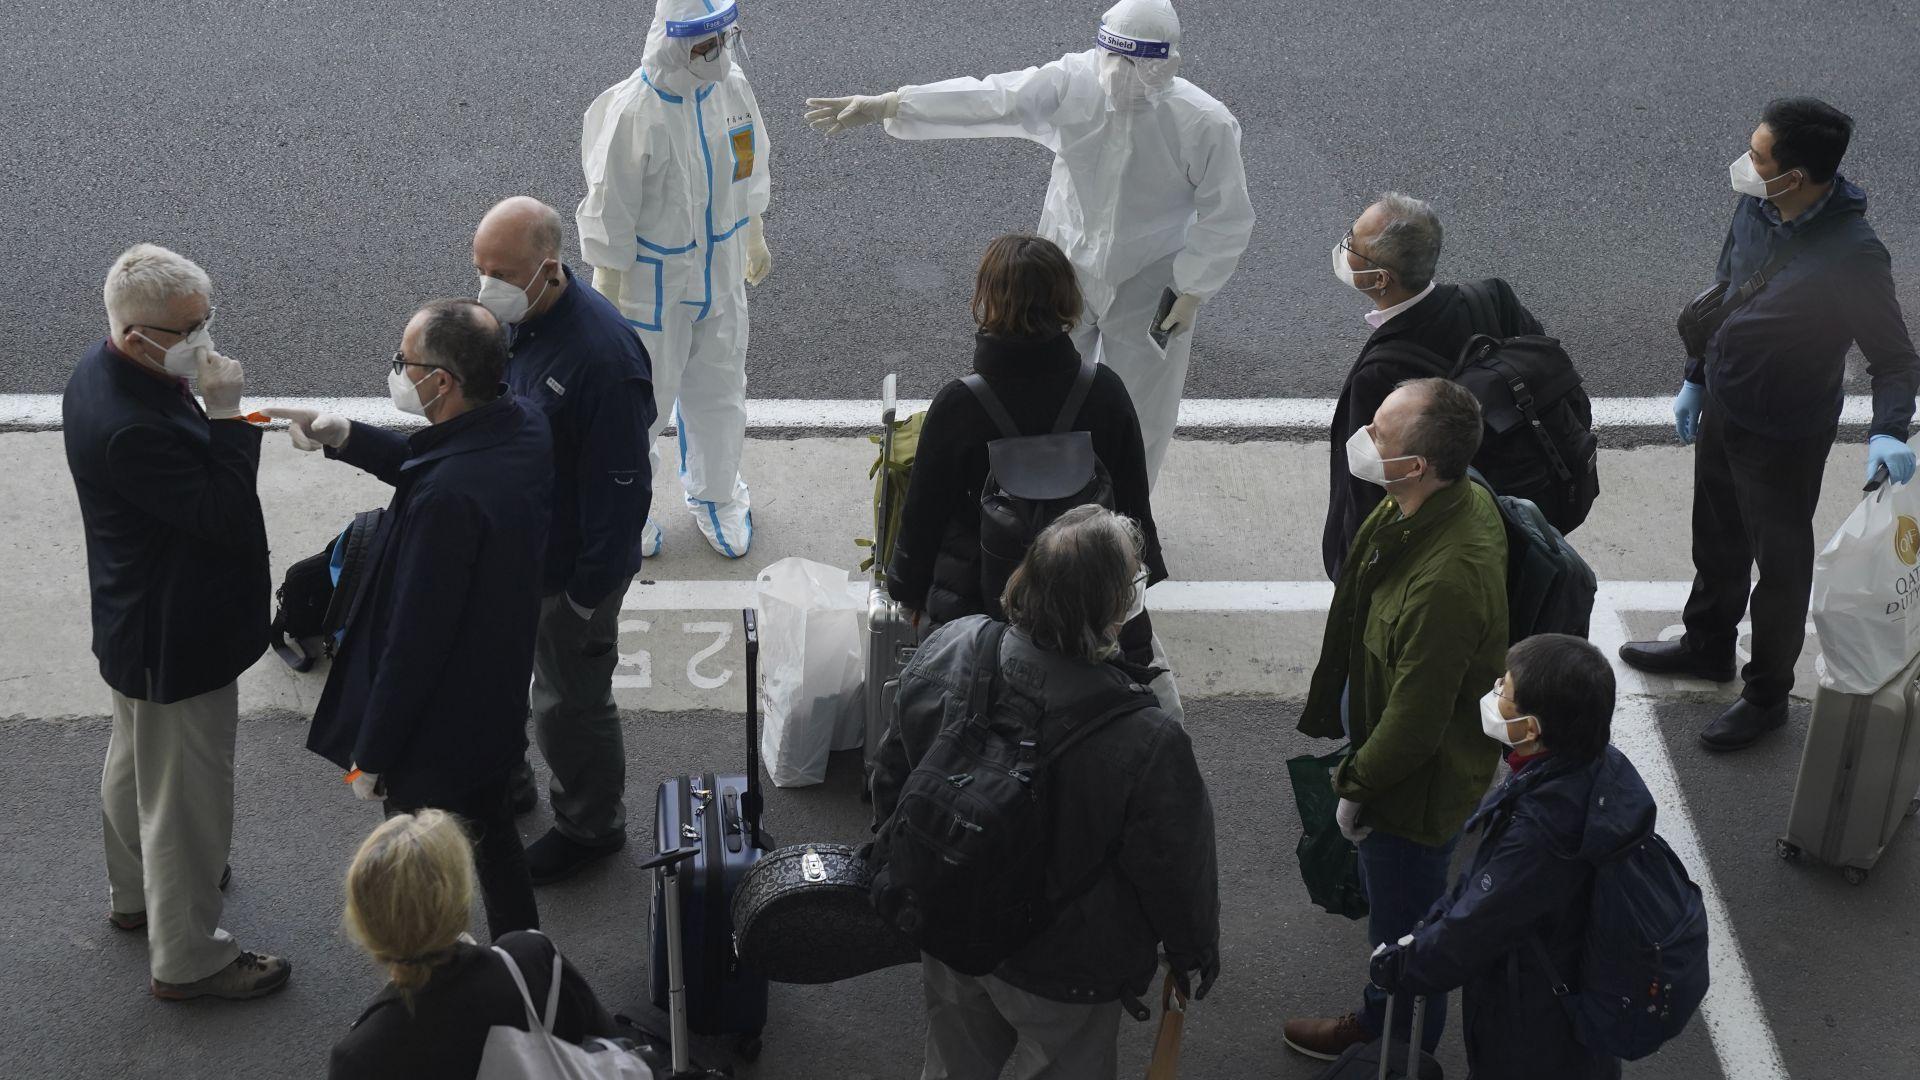 Втори опит - успешен: Екипът на СЗО пристигна в Ухан, за да разследва коронавируса (видео)